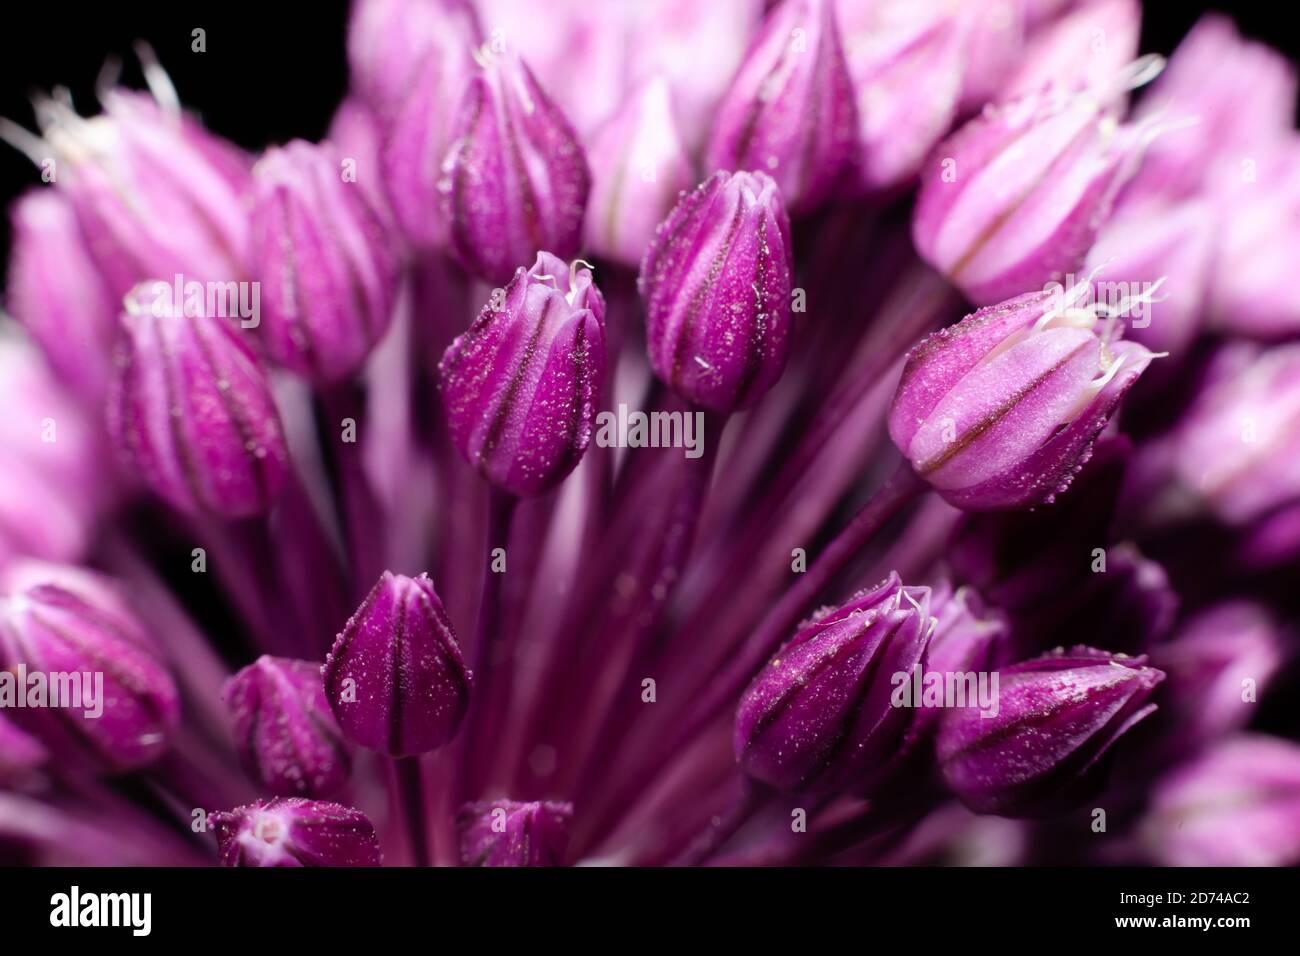 Blumen rund Zwiebeln auf schwarzem Hintergrund Stockfoto